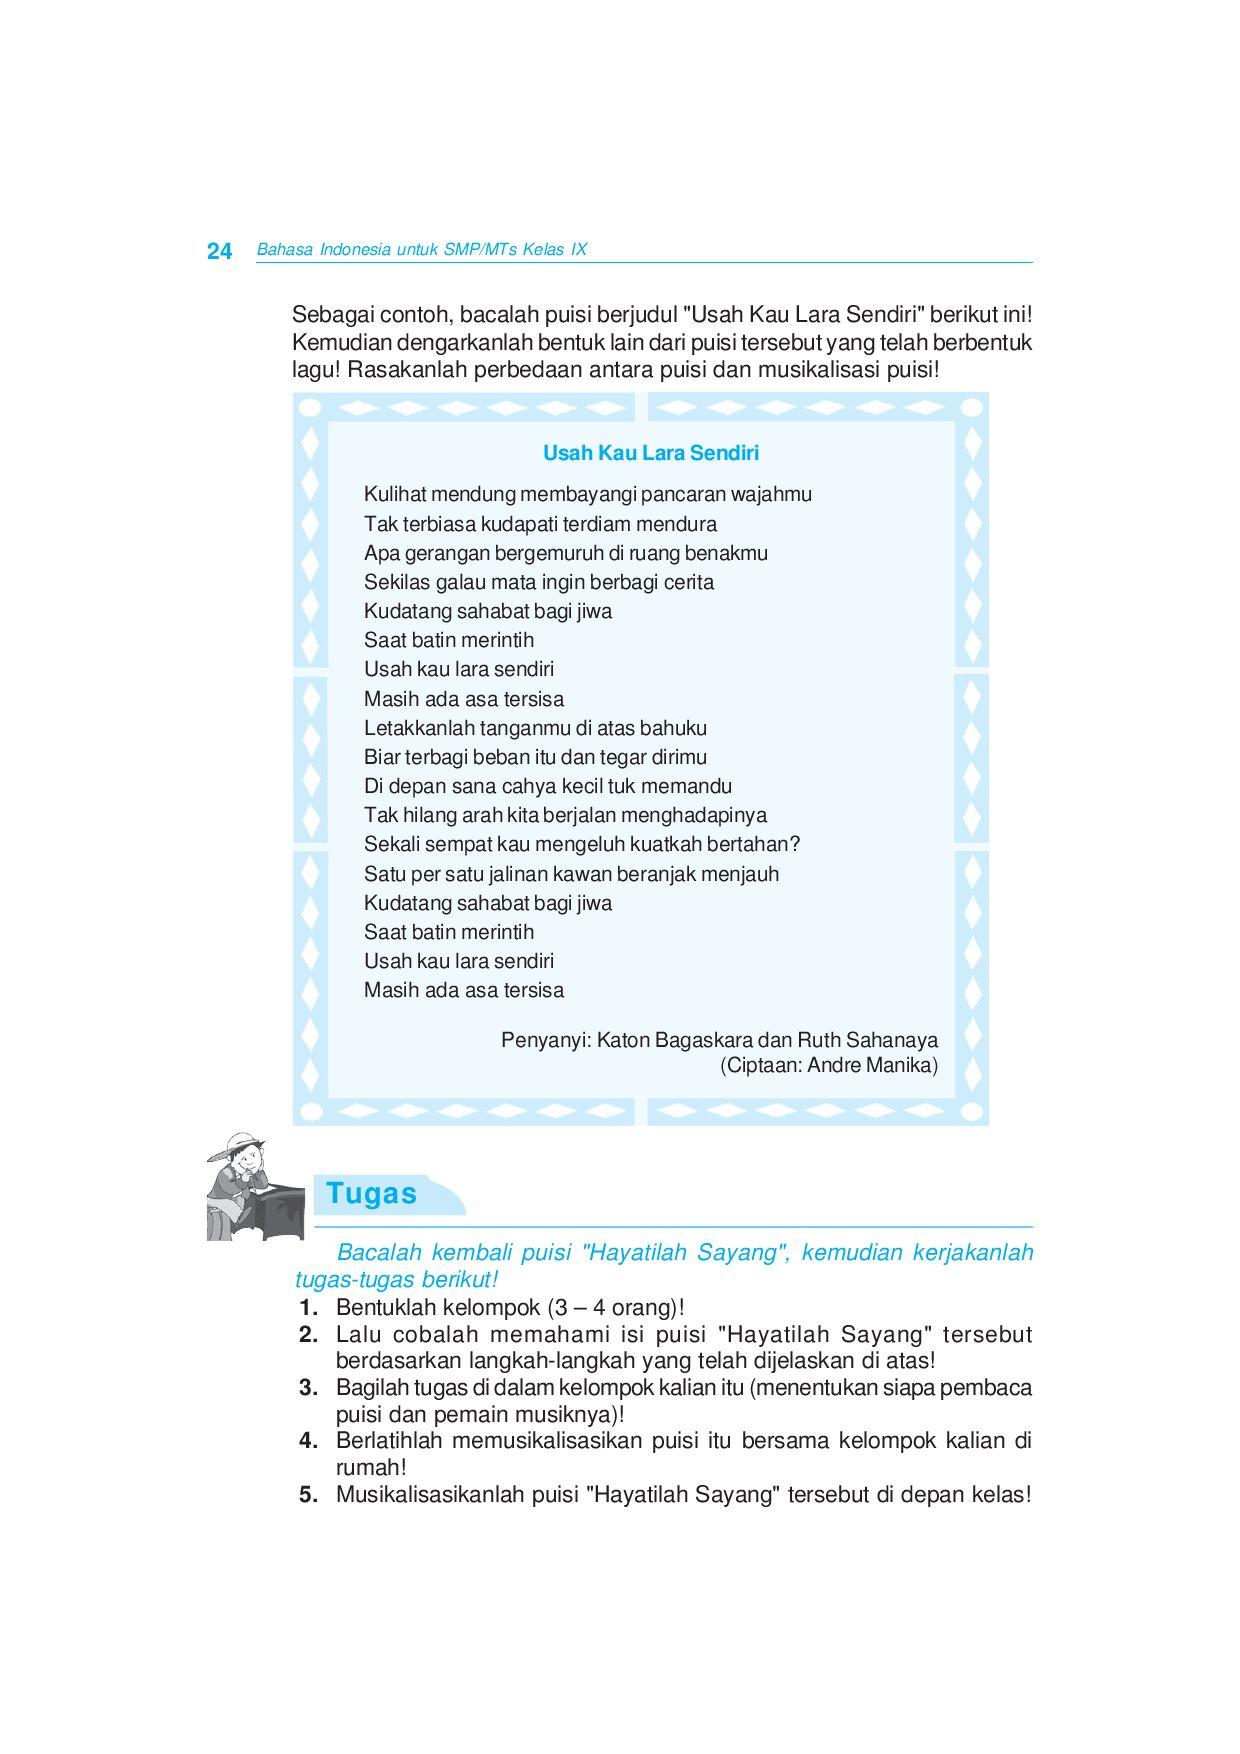 Langkah Langkah Musikalisasi Puisi : langkah, musikalisasi, puisi, Kelas09_bahasa-indonesia_atikah-yuwono-suhartanto, Selagan, Issuu